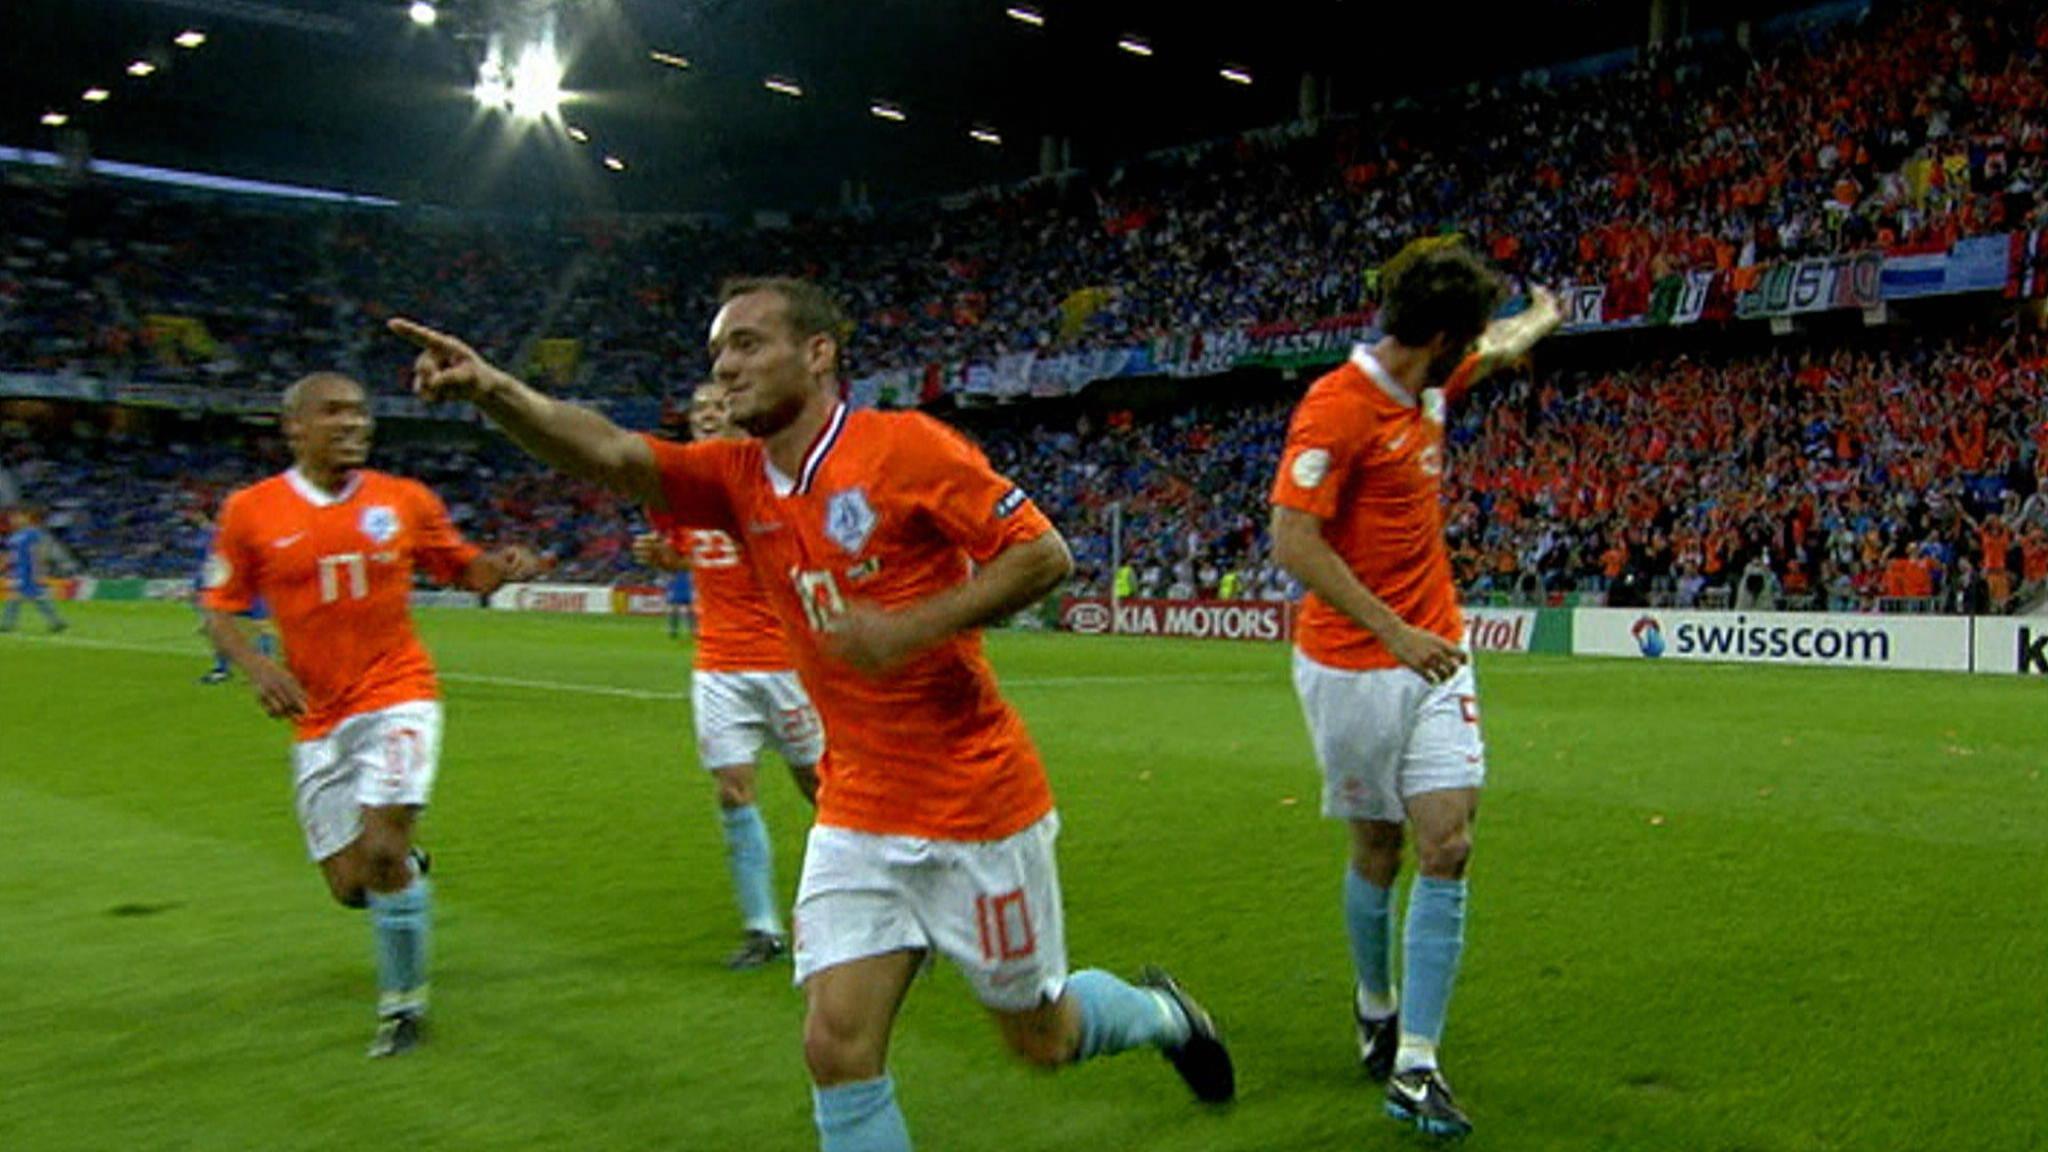 Nederland-Italië EK 2008: Sneijder scoort op verjaardag | NOS